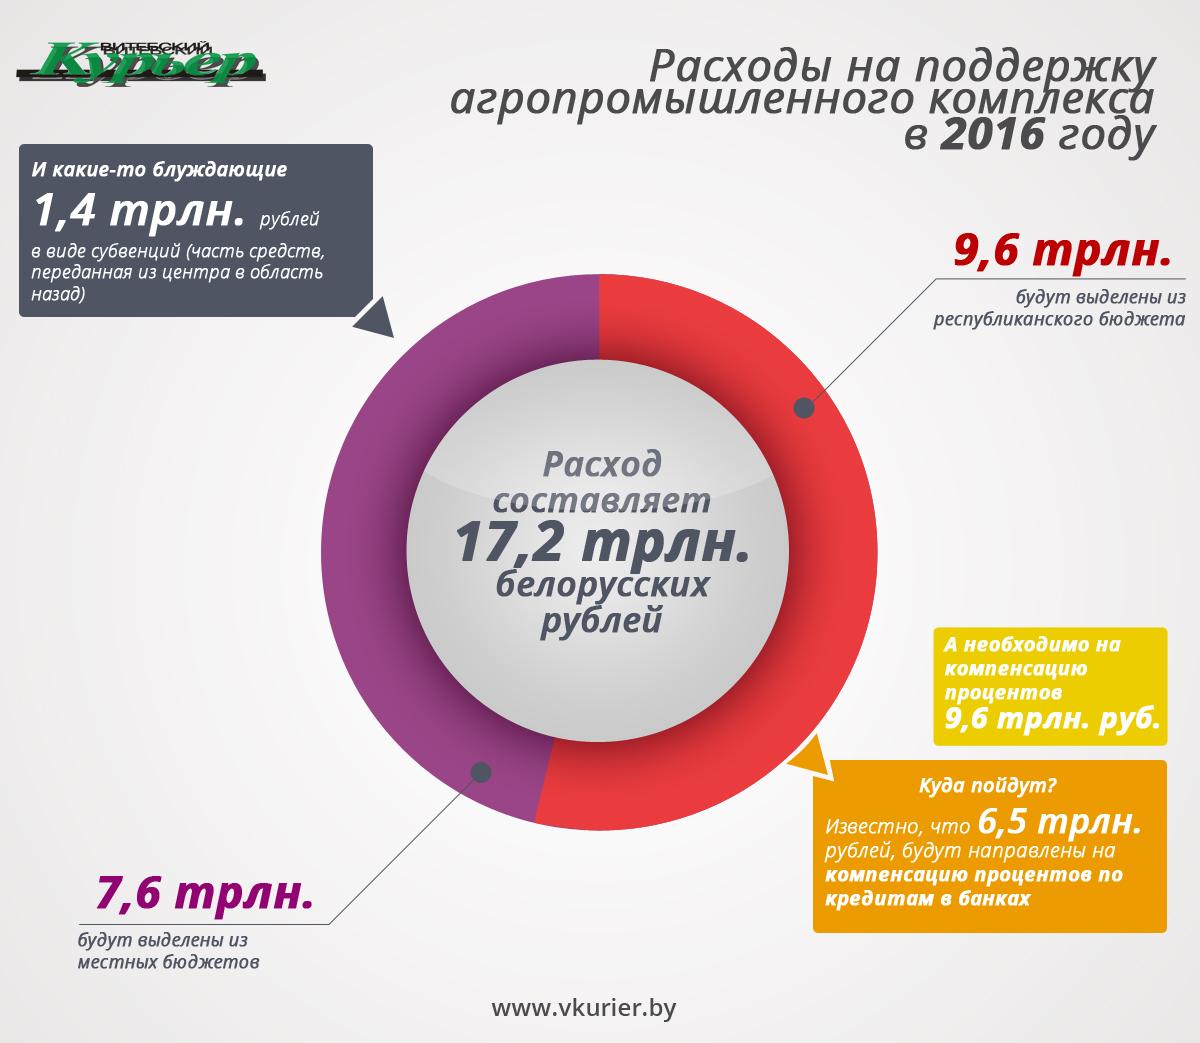 Ильхом - инф16 - расходы по агропромышленному комплексу